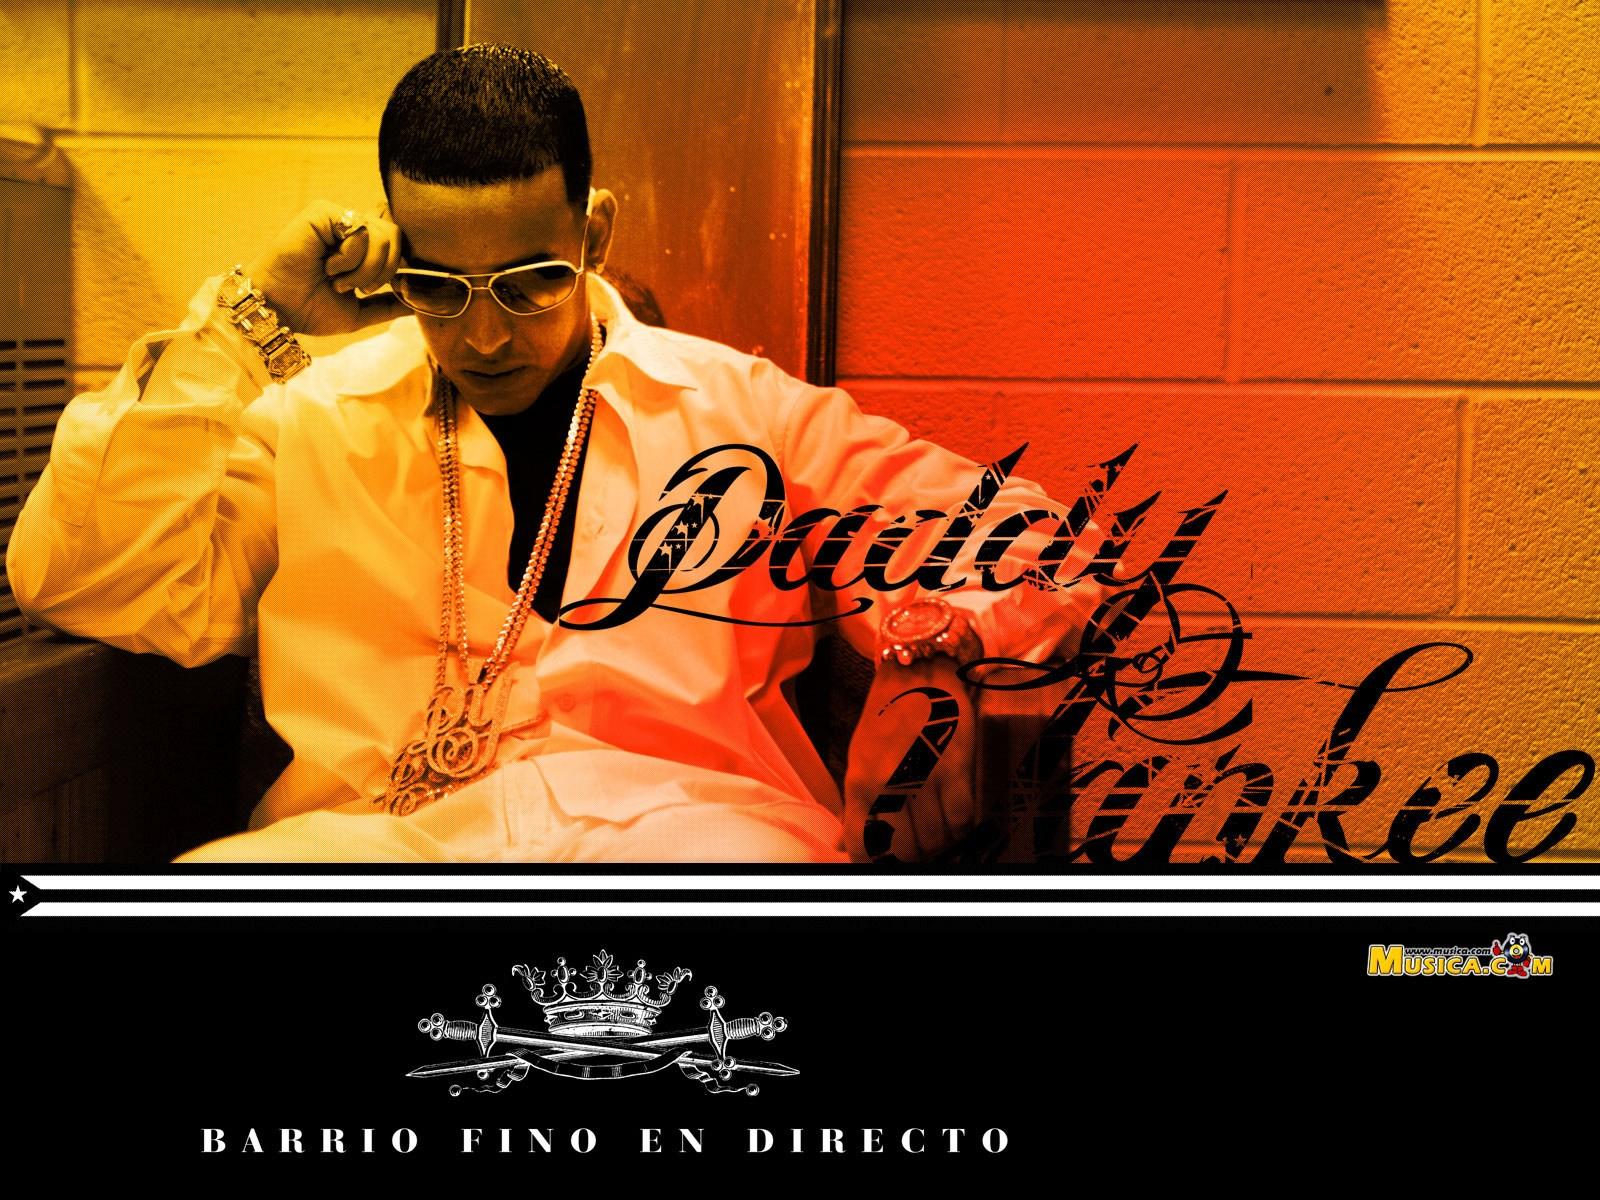 Fondo de escritorio de Daddy Yankee